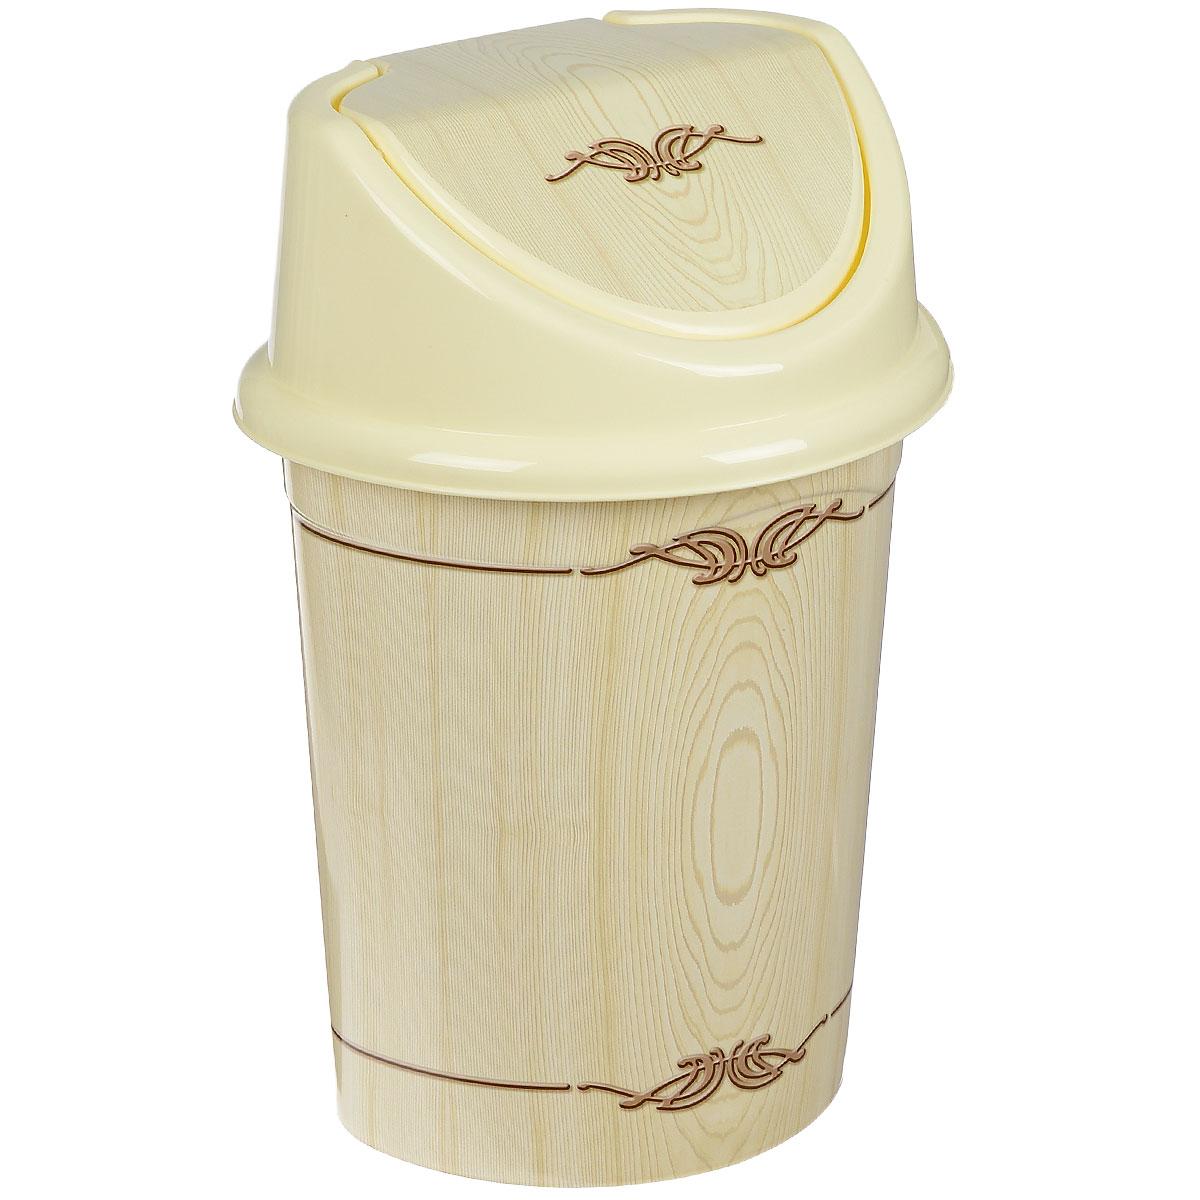 Контейнер для мусора Violet Беленый дуб, цвет: слоновая кость, коричневый, 14 л810405Контейнер для мусора Violet Беленый дуб изготовлен из прочного пластика. Контейнер снабжен удобной съемной крышкой с подвижной перегородкой. В нем удобно хранить мелкий мусор. Благодаря лаконичному дизайну такой контейнер идеально впишется в интерьер и дома, и офиса.Высота контейнера без крышки: 33,5 см.